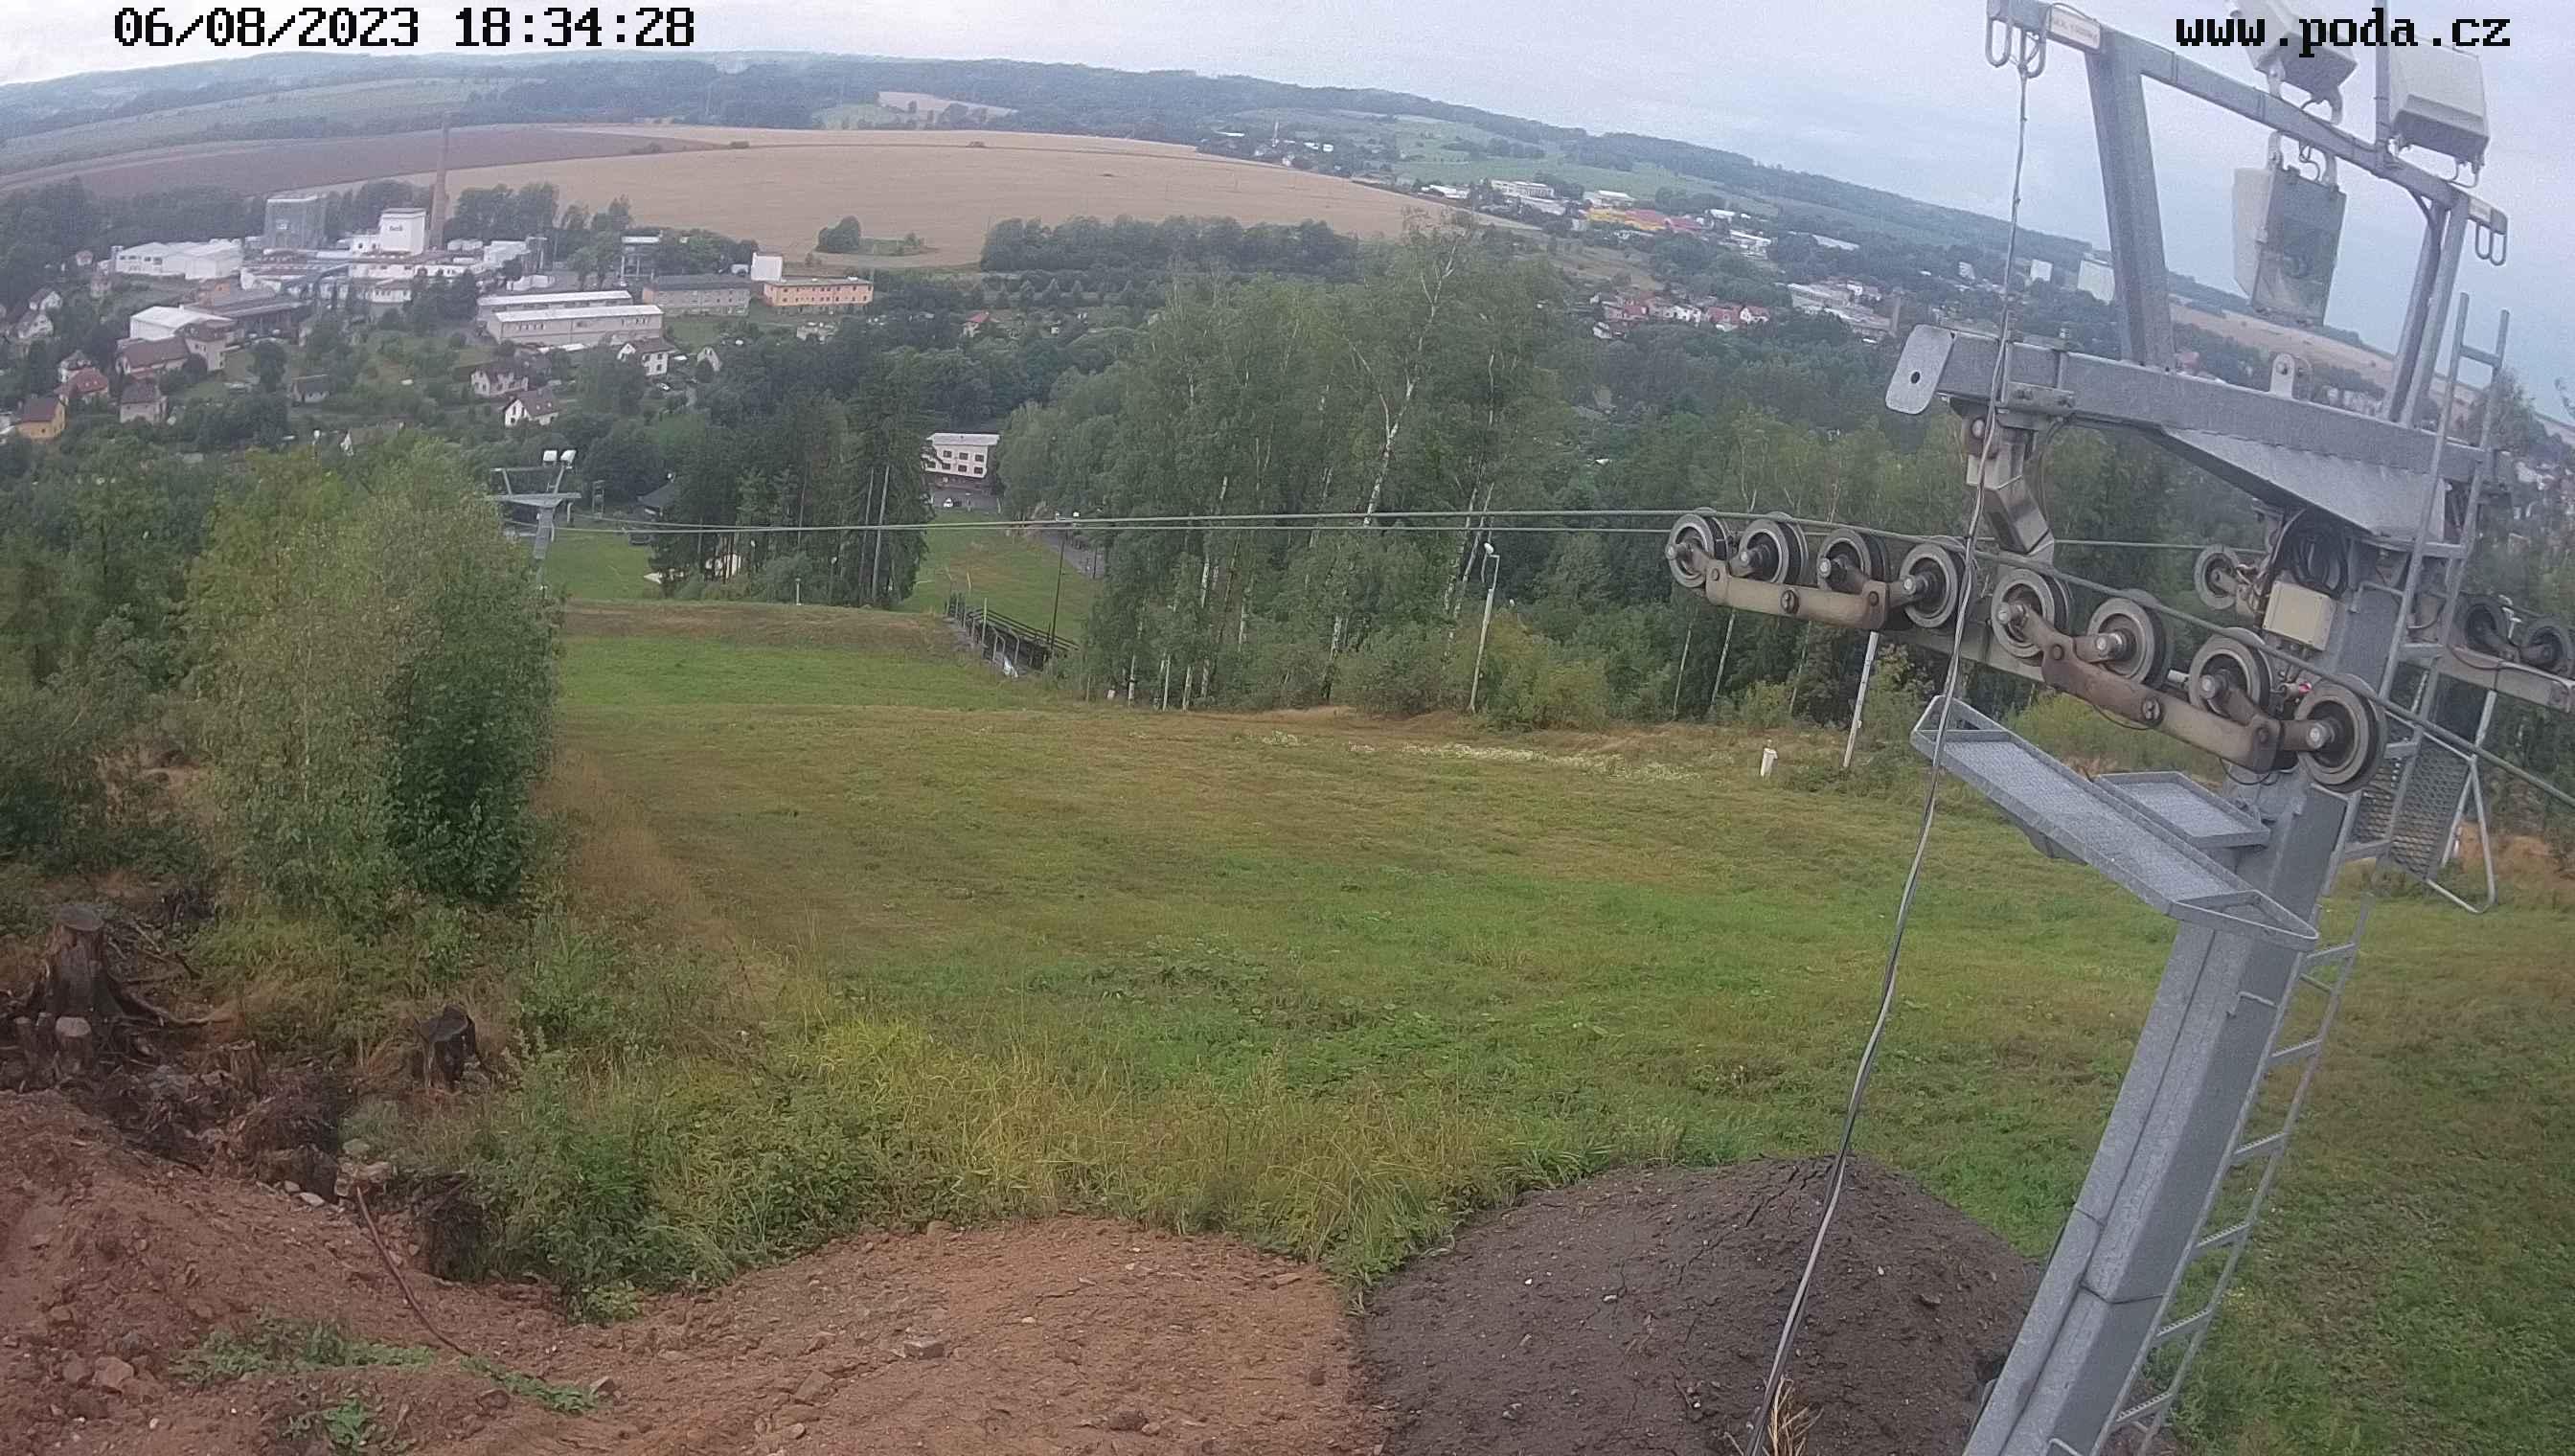 Kamera Ski Hlinsko - Sjezdovka